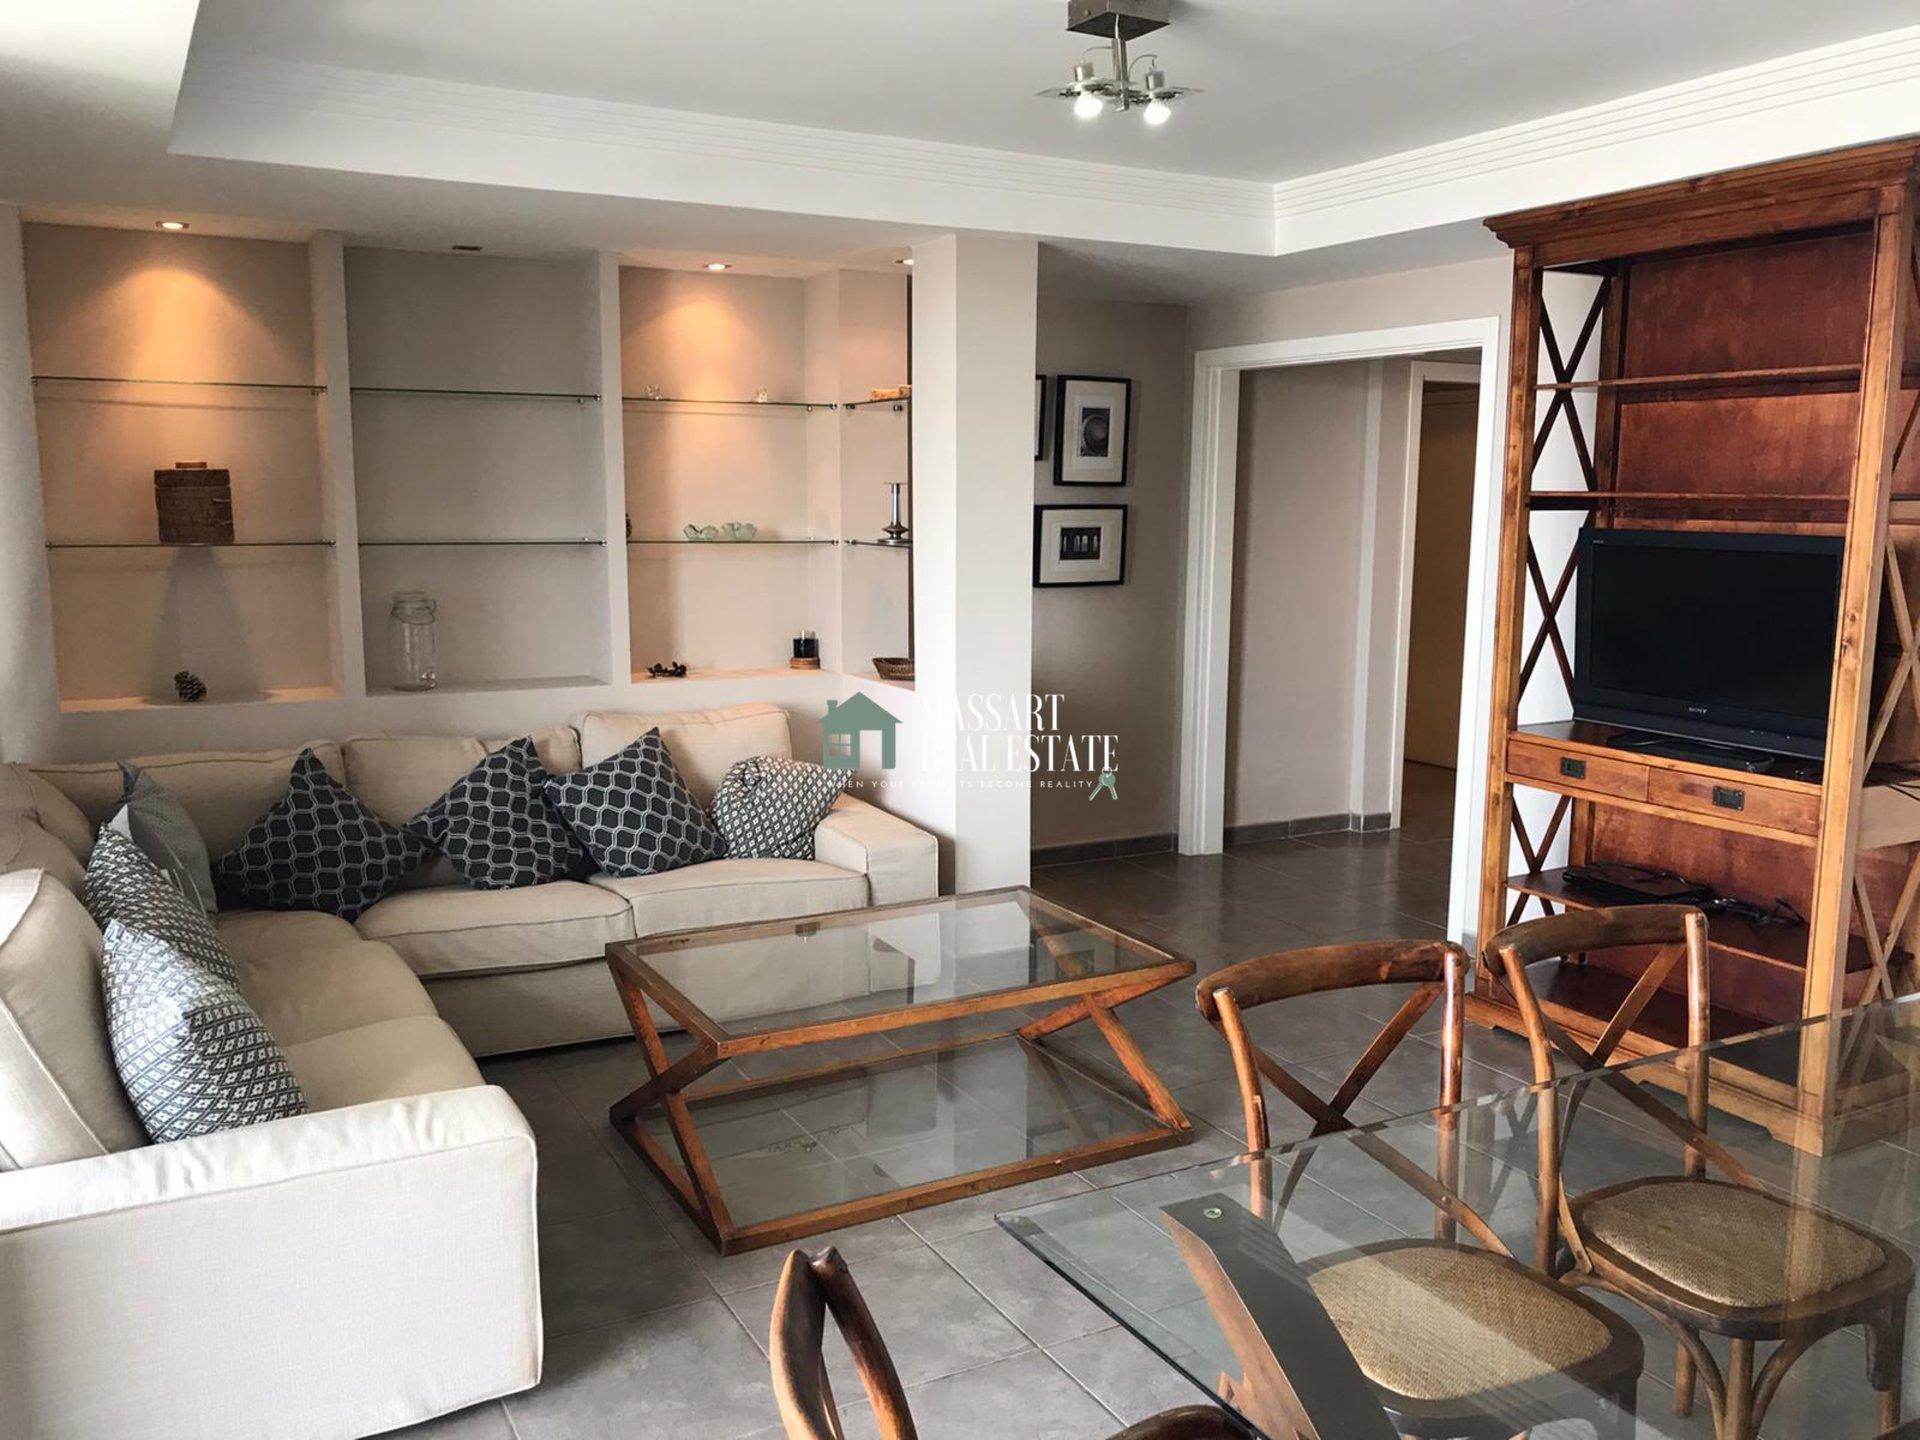 Möbliertes Apartment im Erdgeschoss mit einer wunderschönen Terrasse, von der aus Sie einen Panoramablick auf das Meer genießen können.